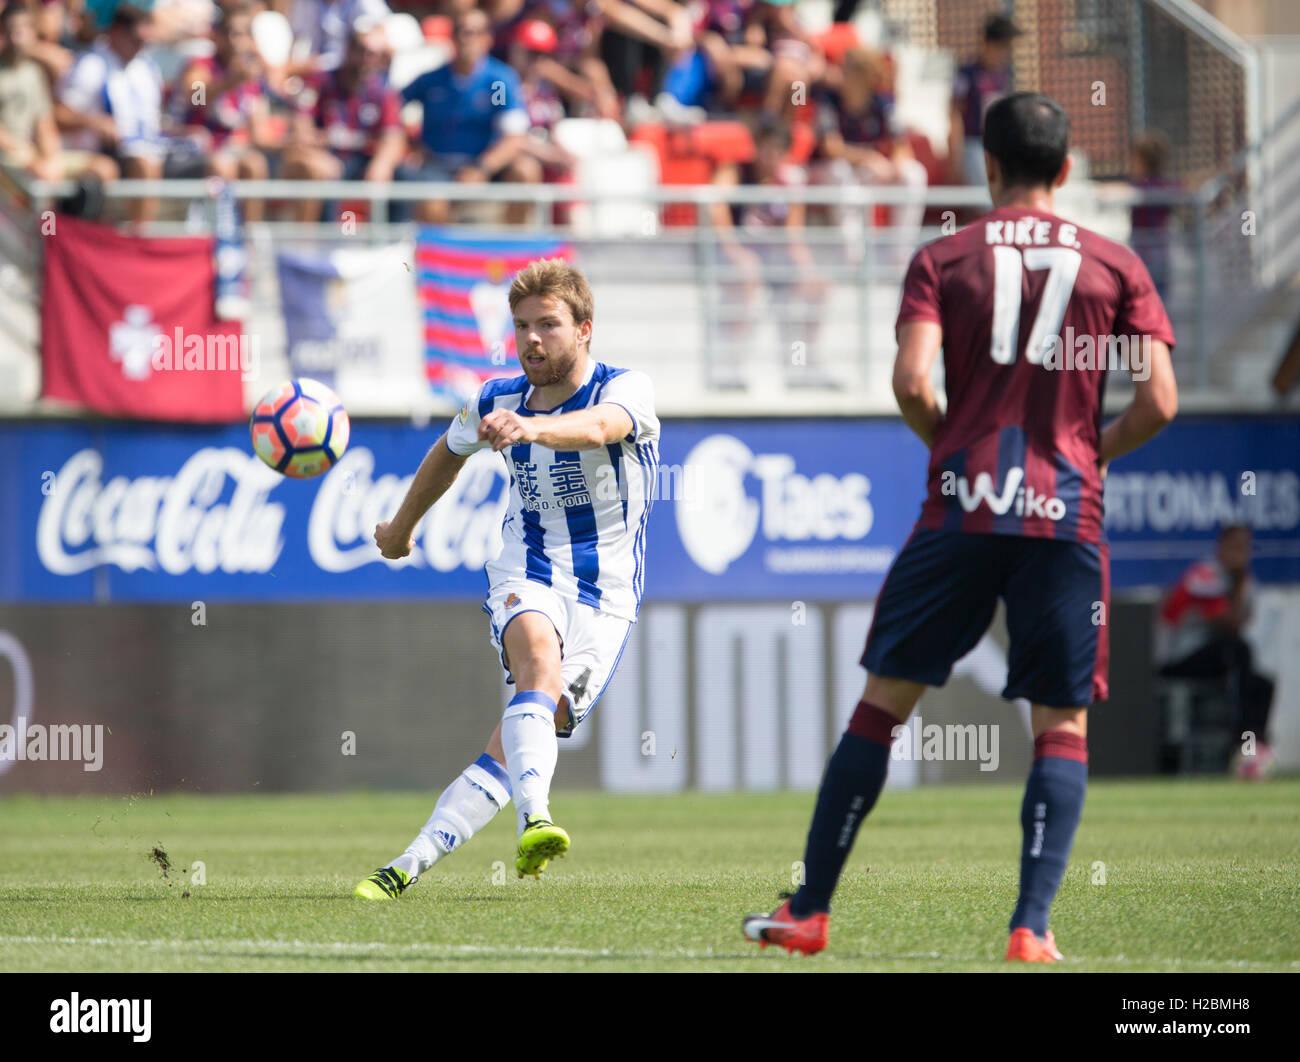 4 long ball Illarra Match day 6 game of la Liga Santander 2016-2017 season between Sd Eibar and Real Sociedad played - Stock Image